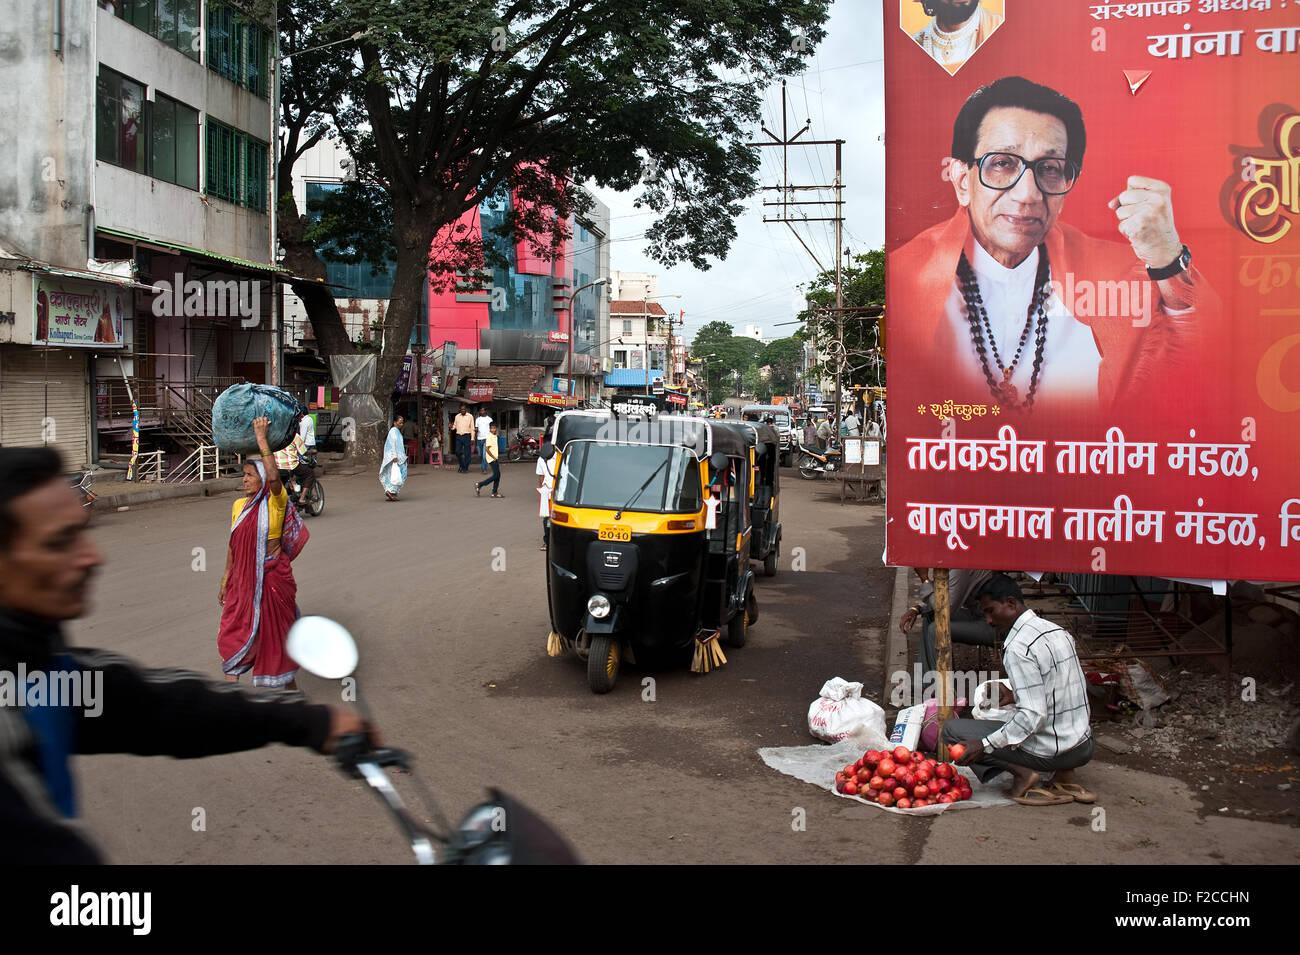 Panneaux publicitaires un parti nationaliste hindou, le Shiv Sena (Inde) Photo Stock